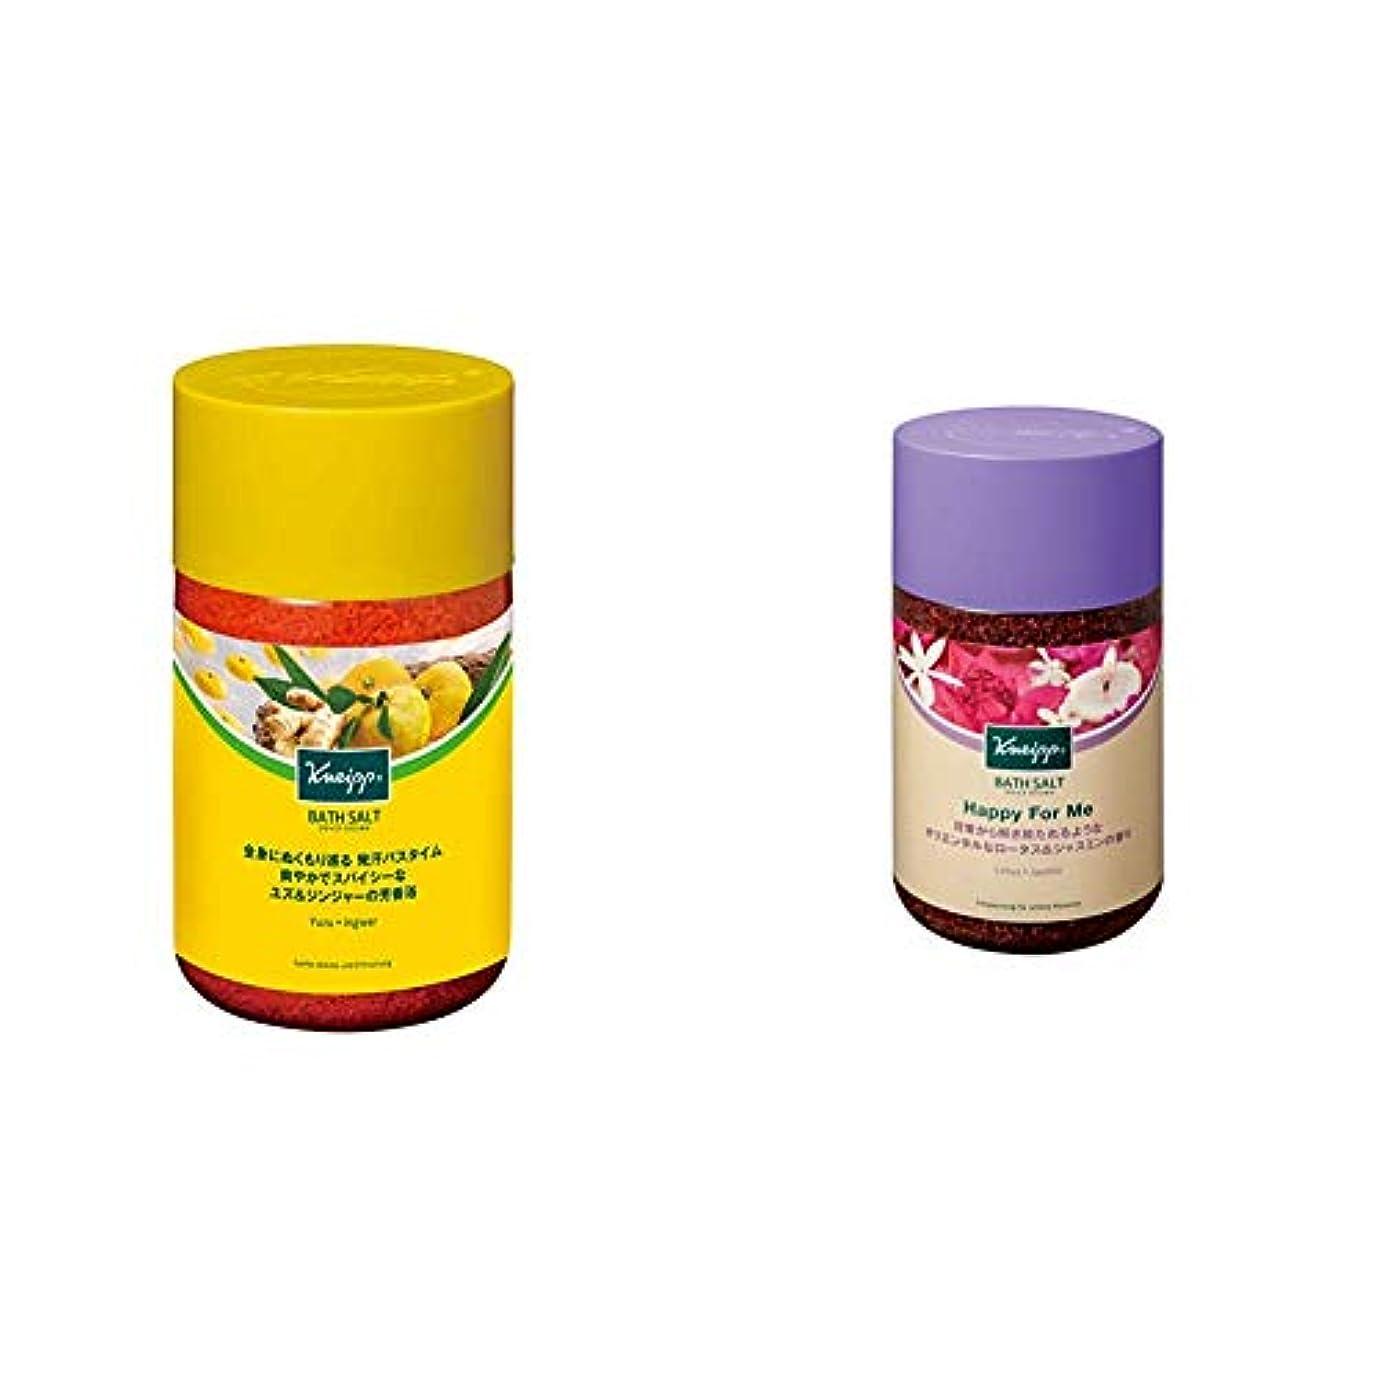 過言小間まともなクナイプ バスソルト ユズ&ジンジャーの香り 850g & バスソルト ハッピーフォーミー ロータス&ジャスミンの香り